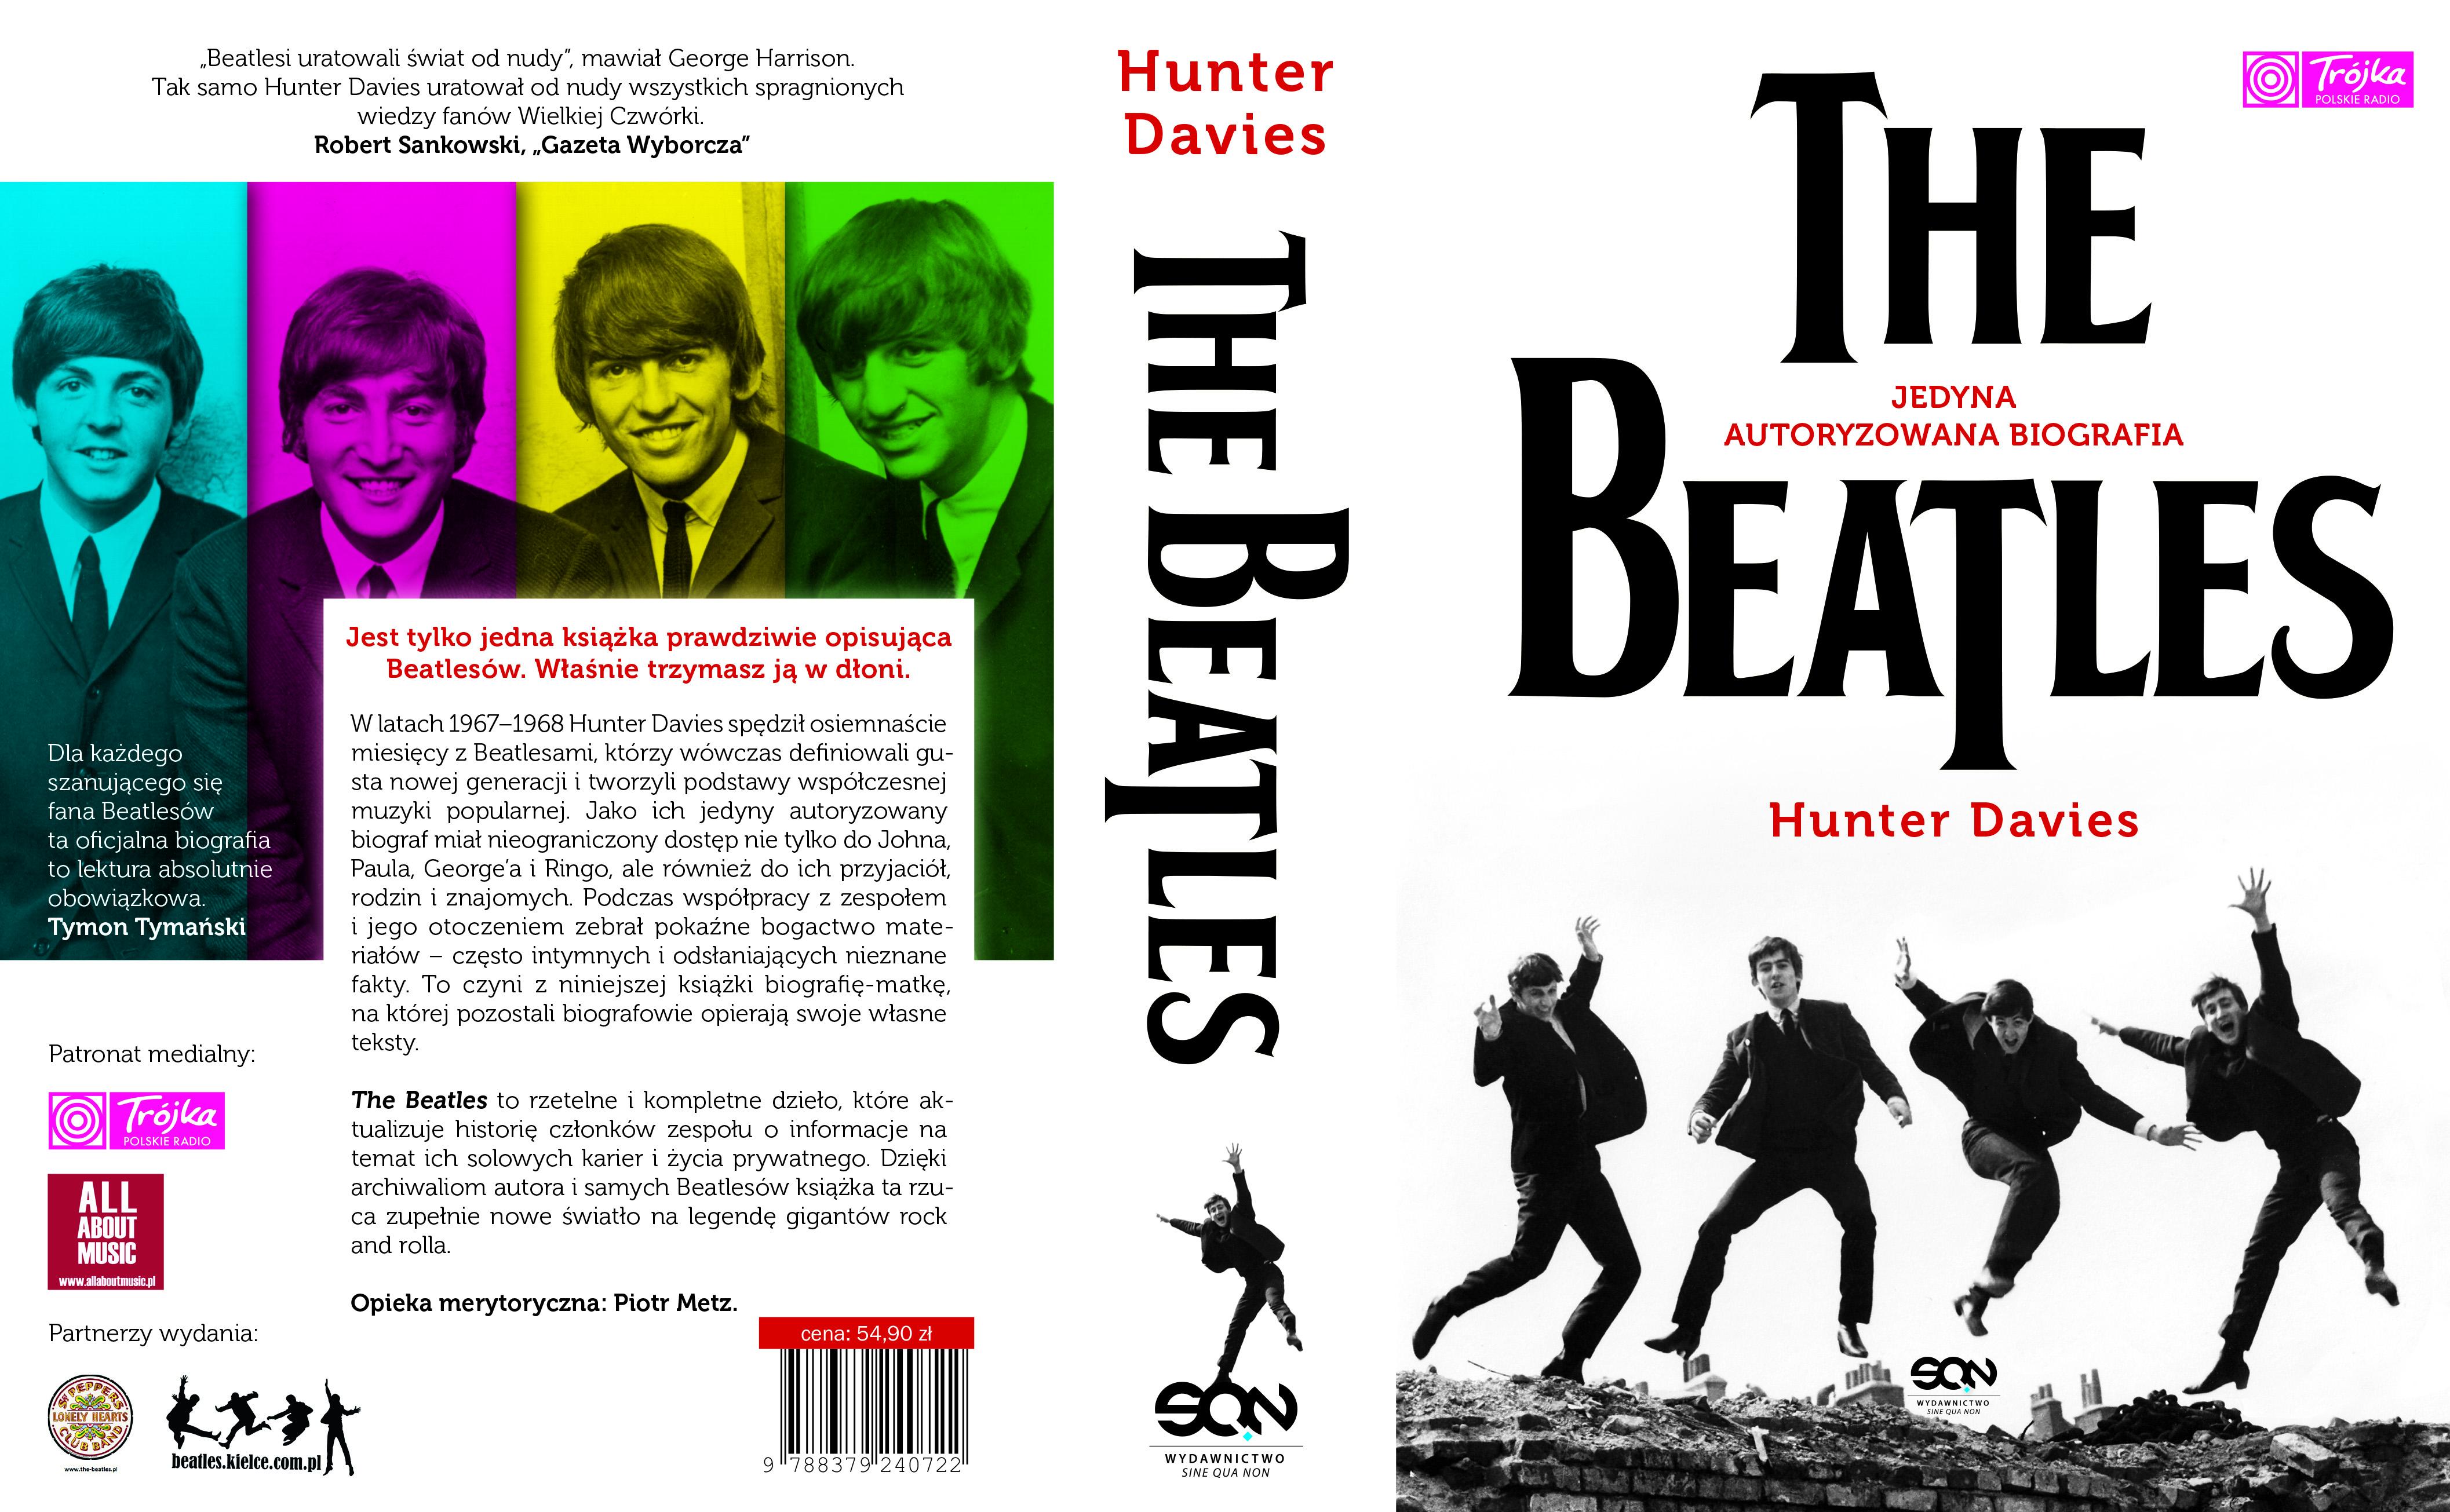 """The Beatles Polska: Konkurs z okazji wznowienia książki Huntera Daviesa """"The Beatles. Jedyna autoryzowana biografia"""""""